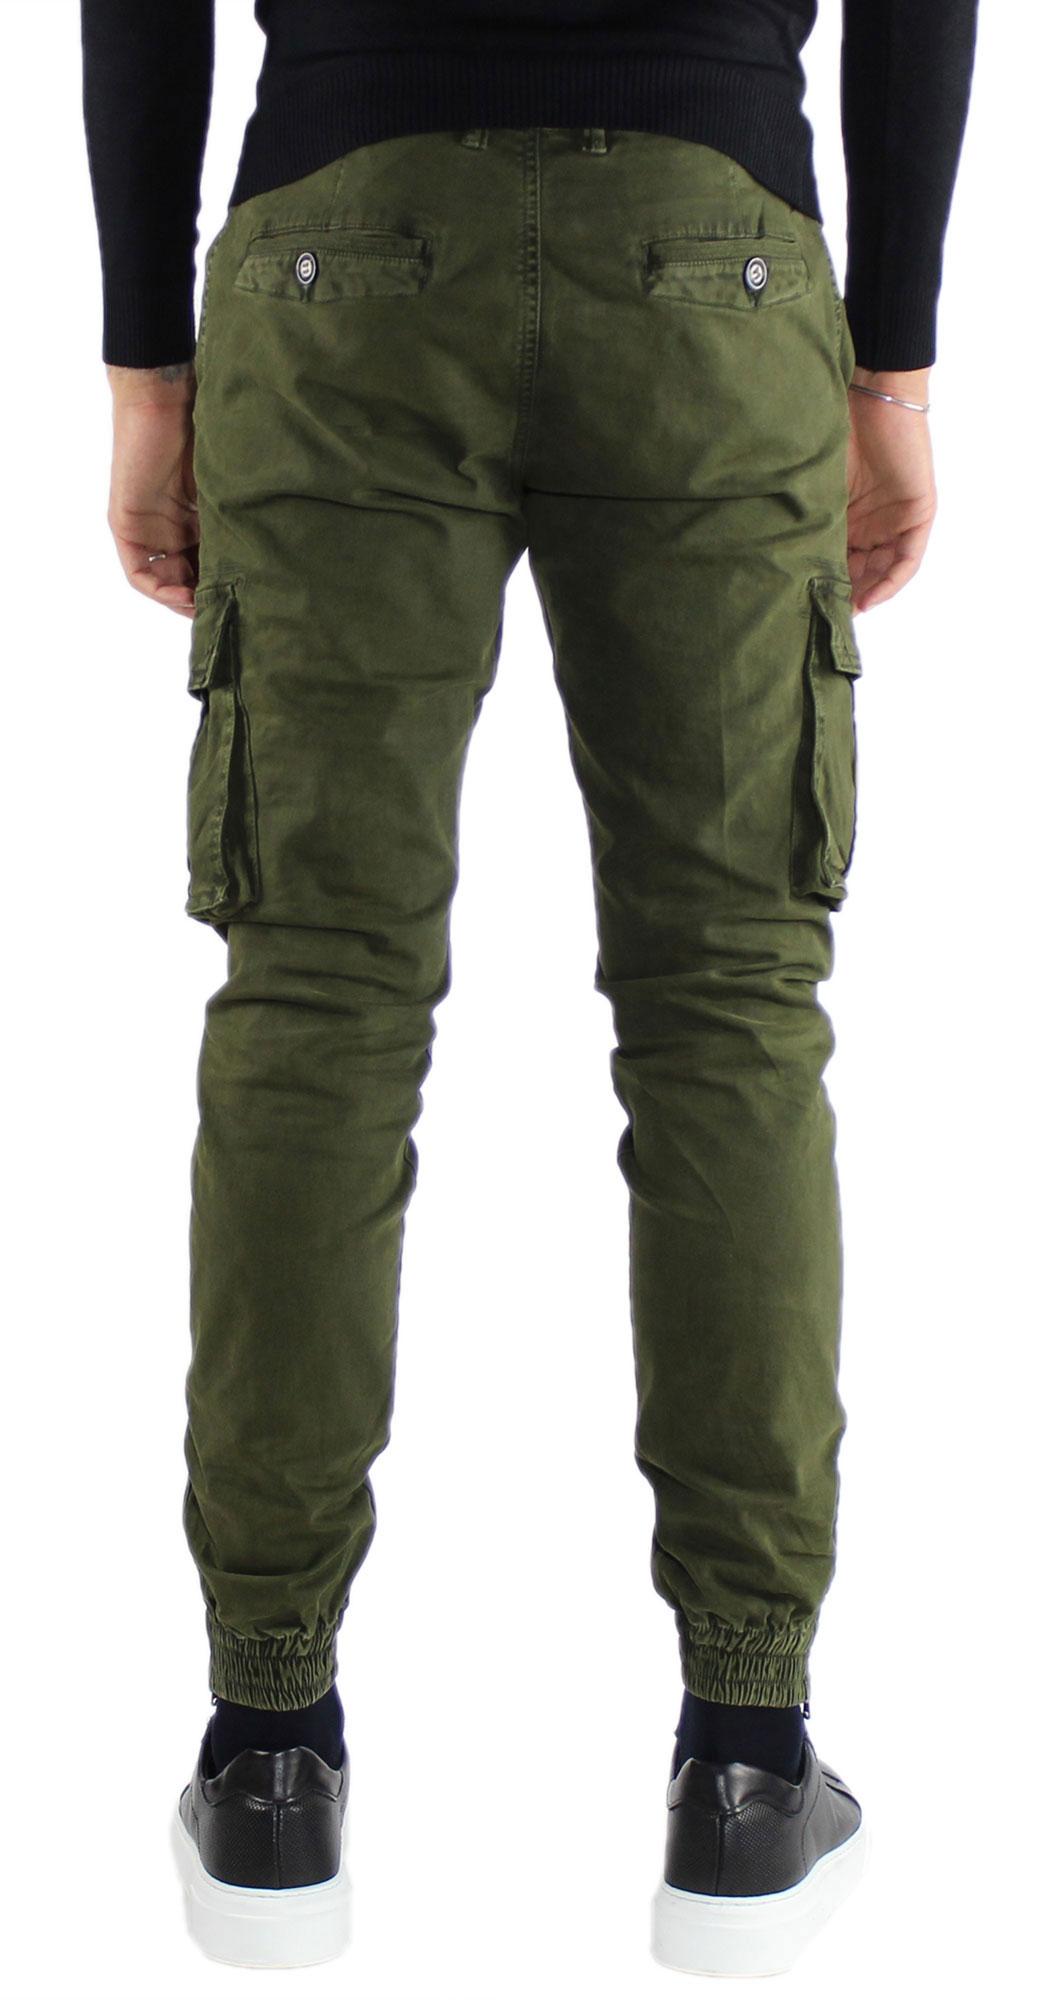 Pantaloni-Cargo-Uomo-Tasche-Laterali-Invernali-Cotone-Slim-Fit-Tasconi-Casual miniatura 13